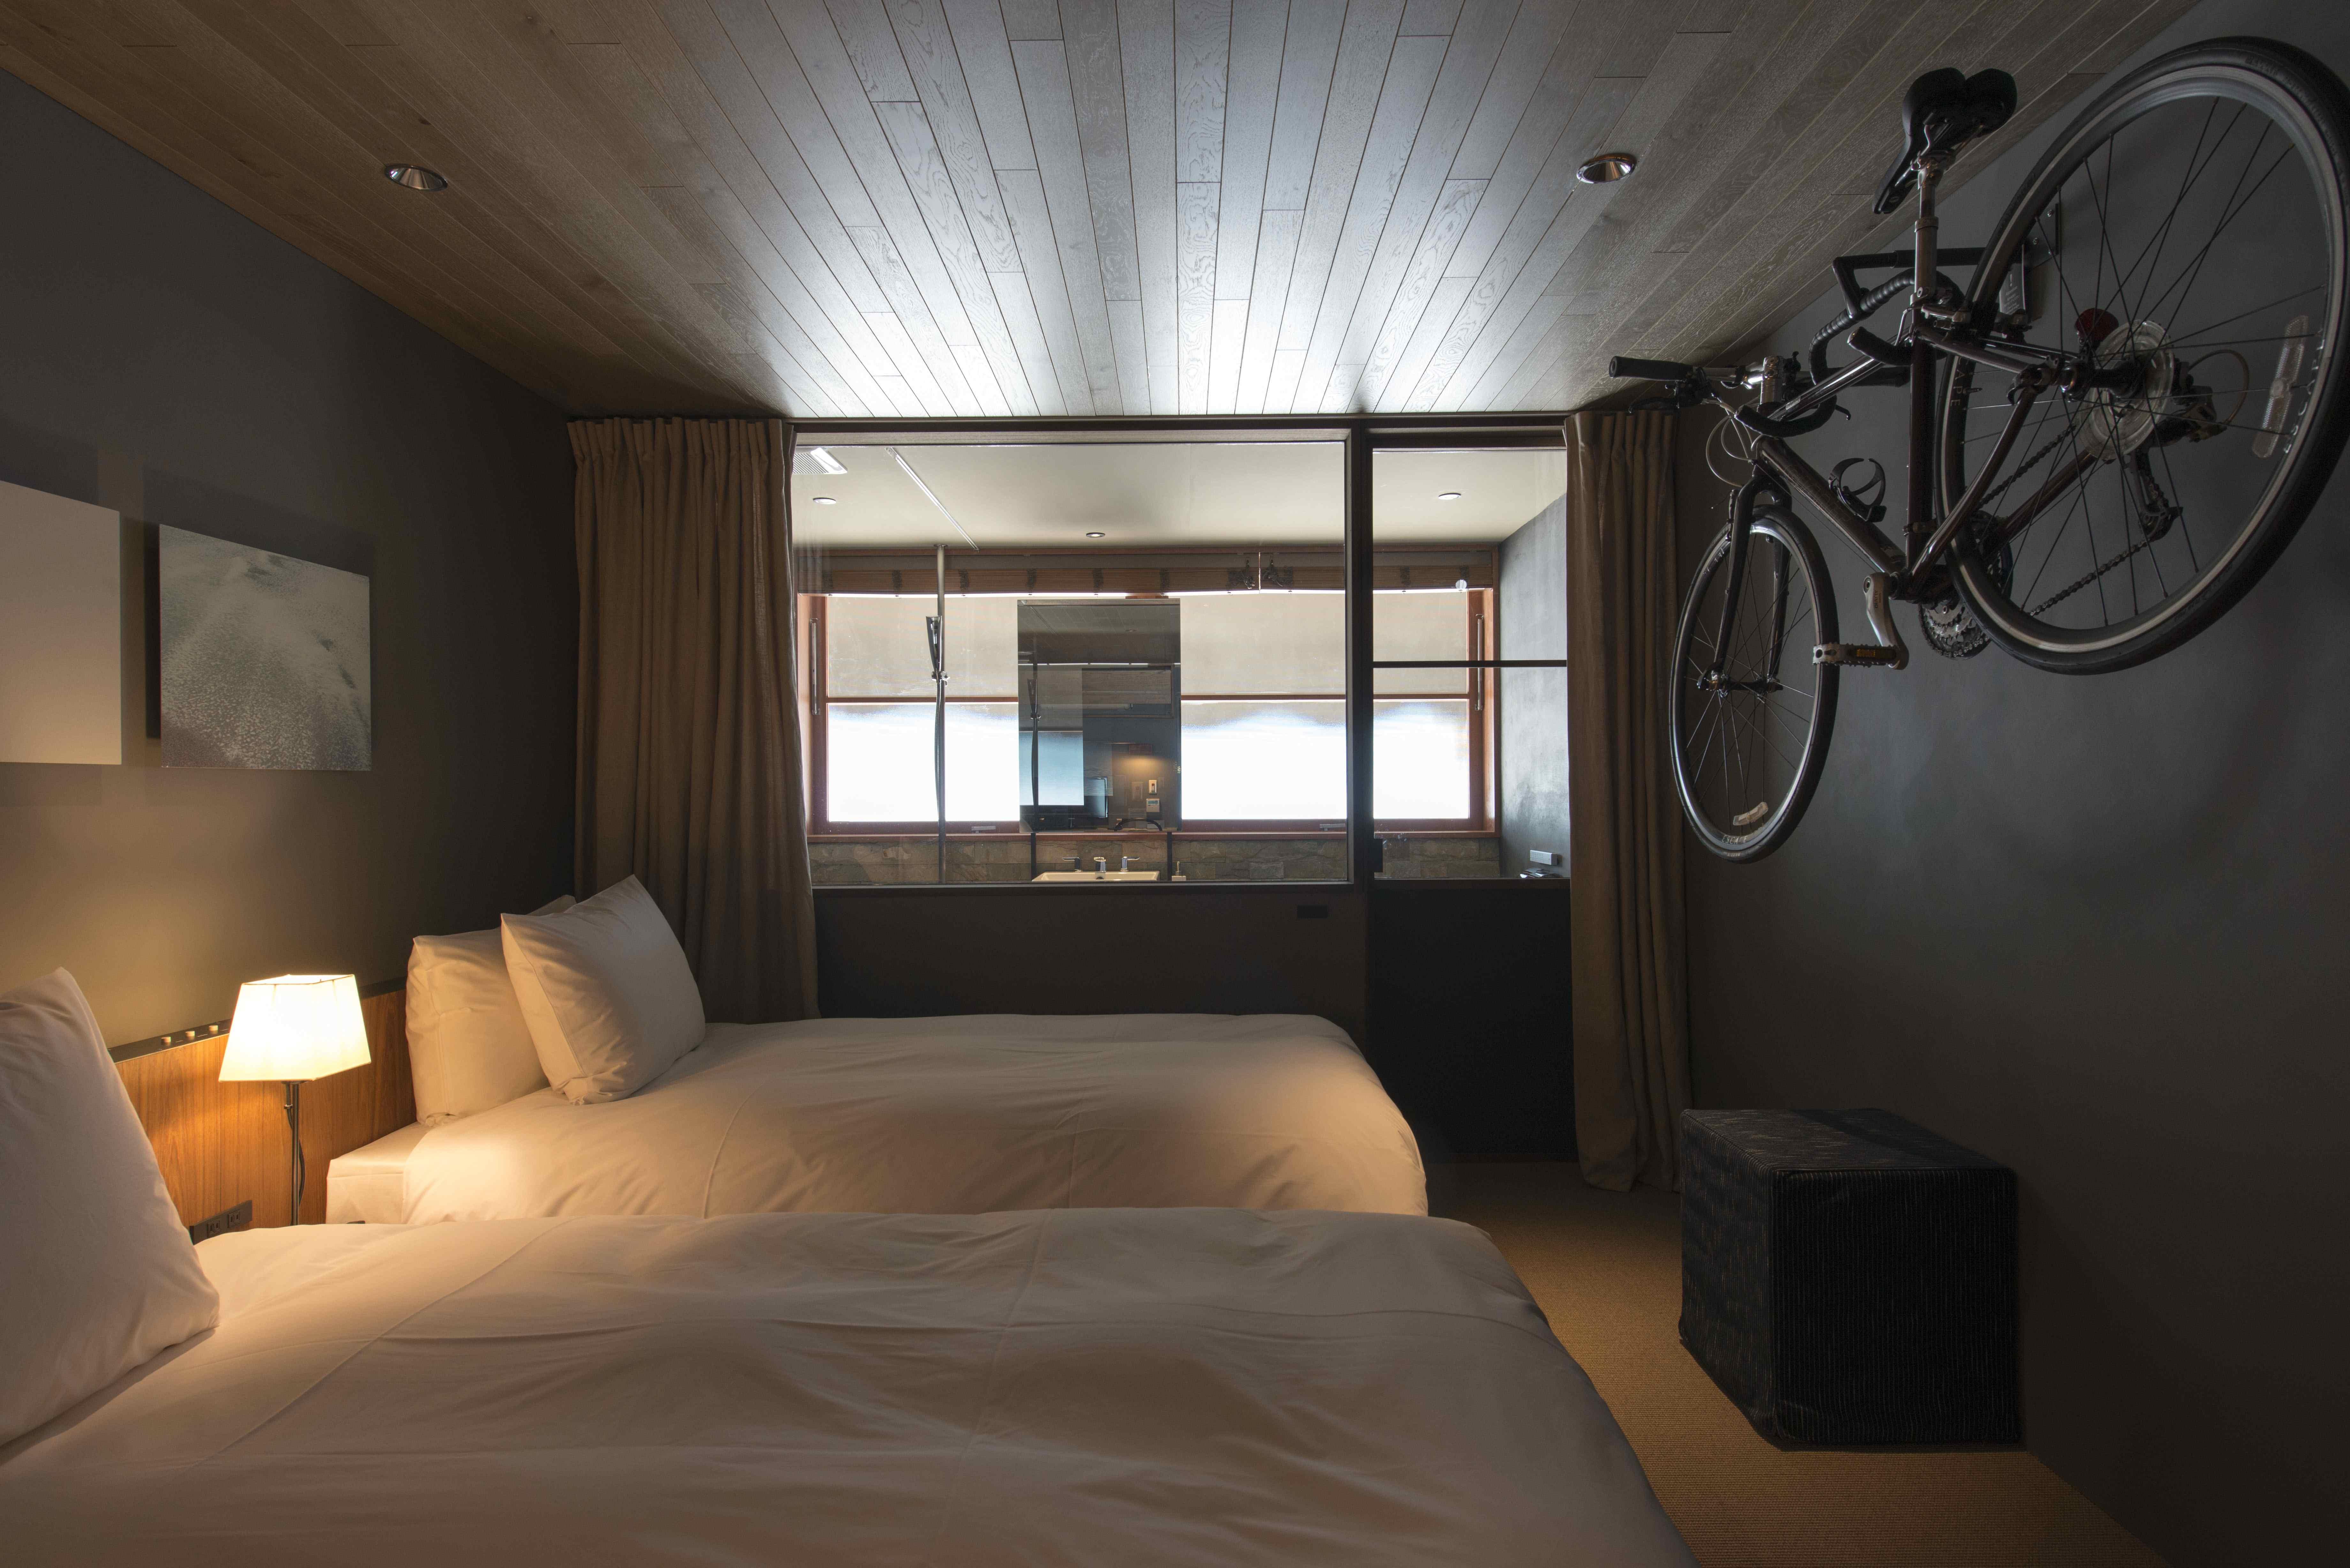 落ち着いた雰囲気のHOTEL CYCLE客室